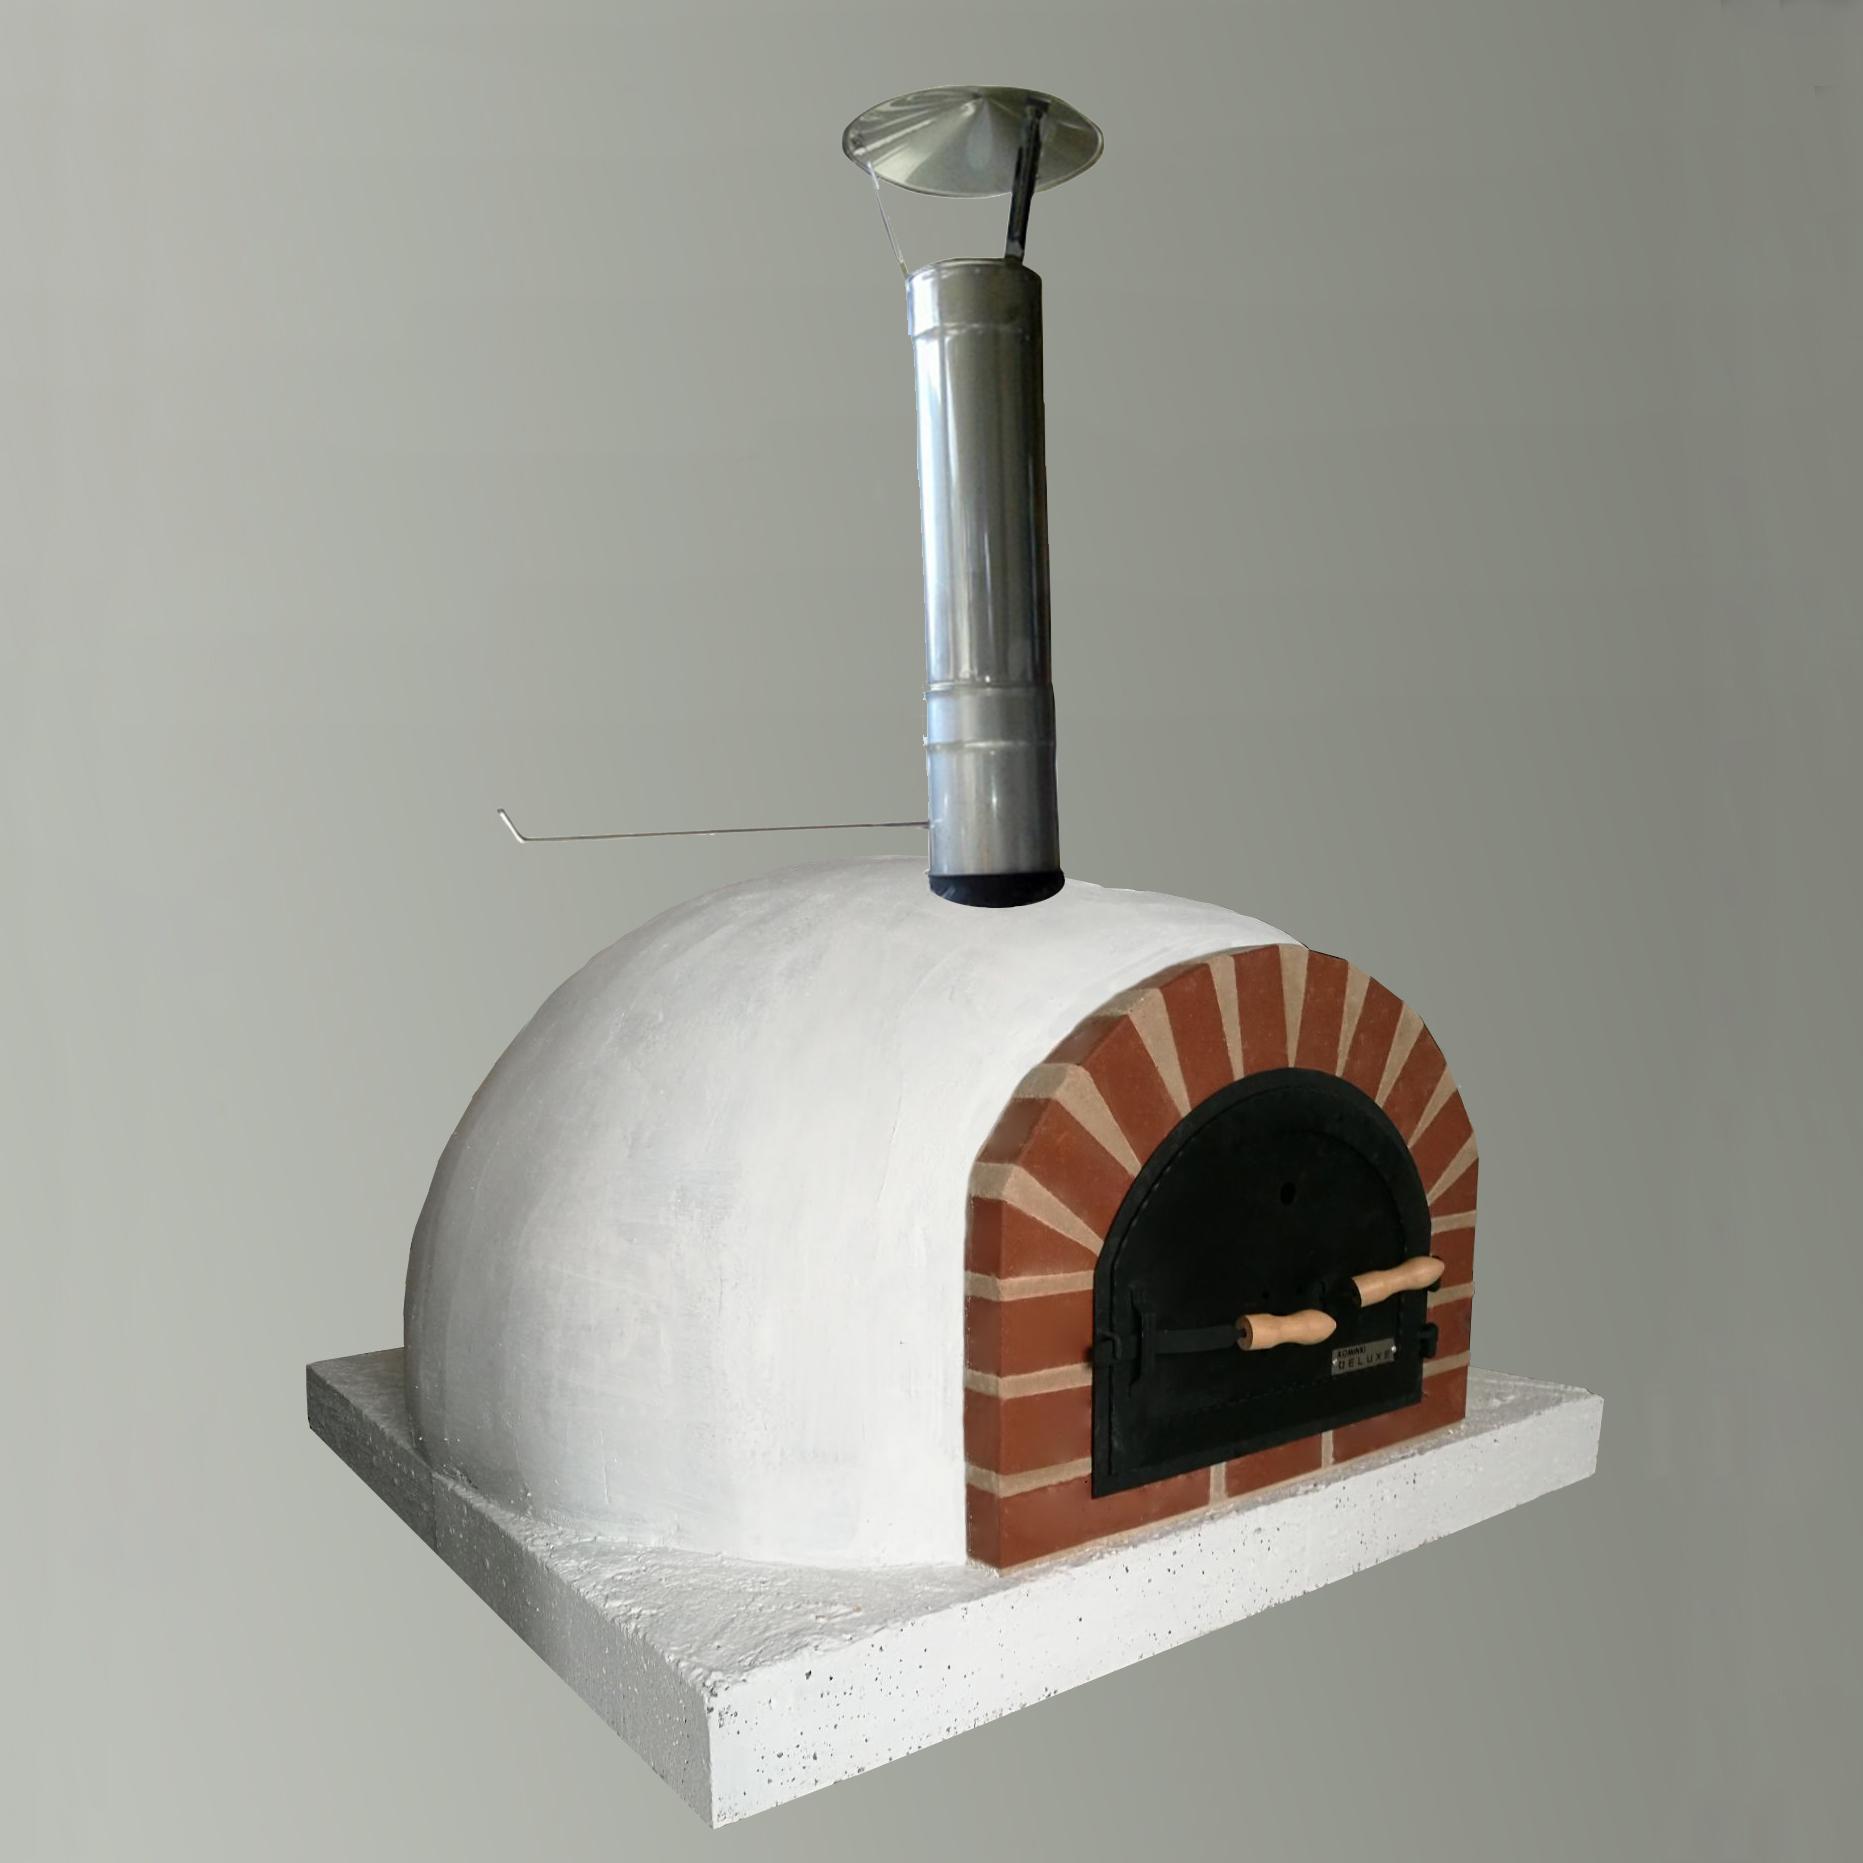 Chlieb pečená pizza pec chlieb slnené drevo